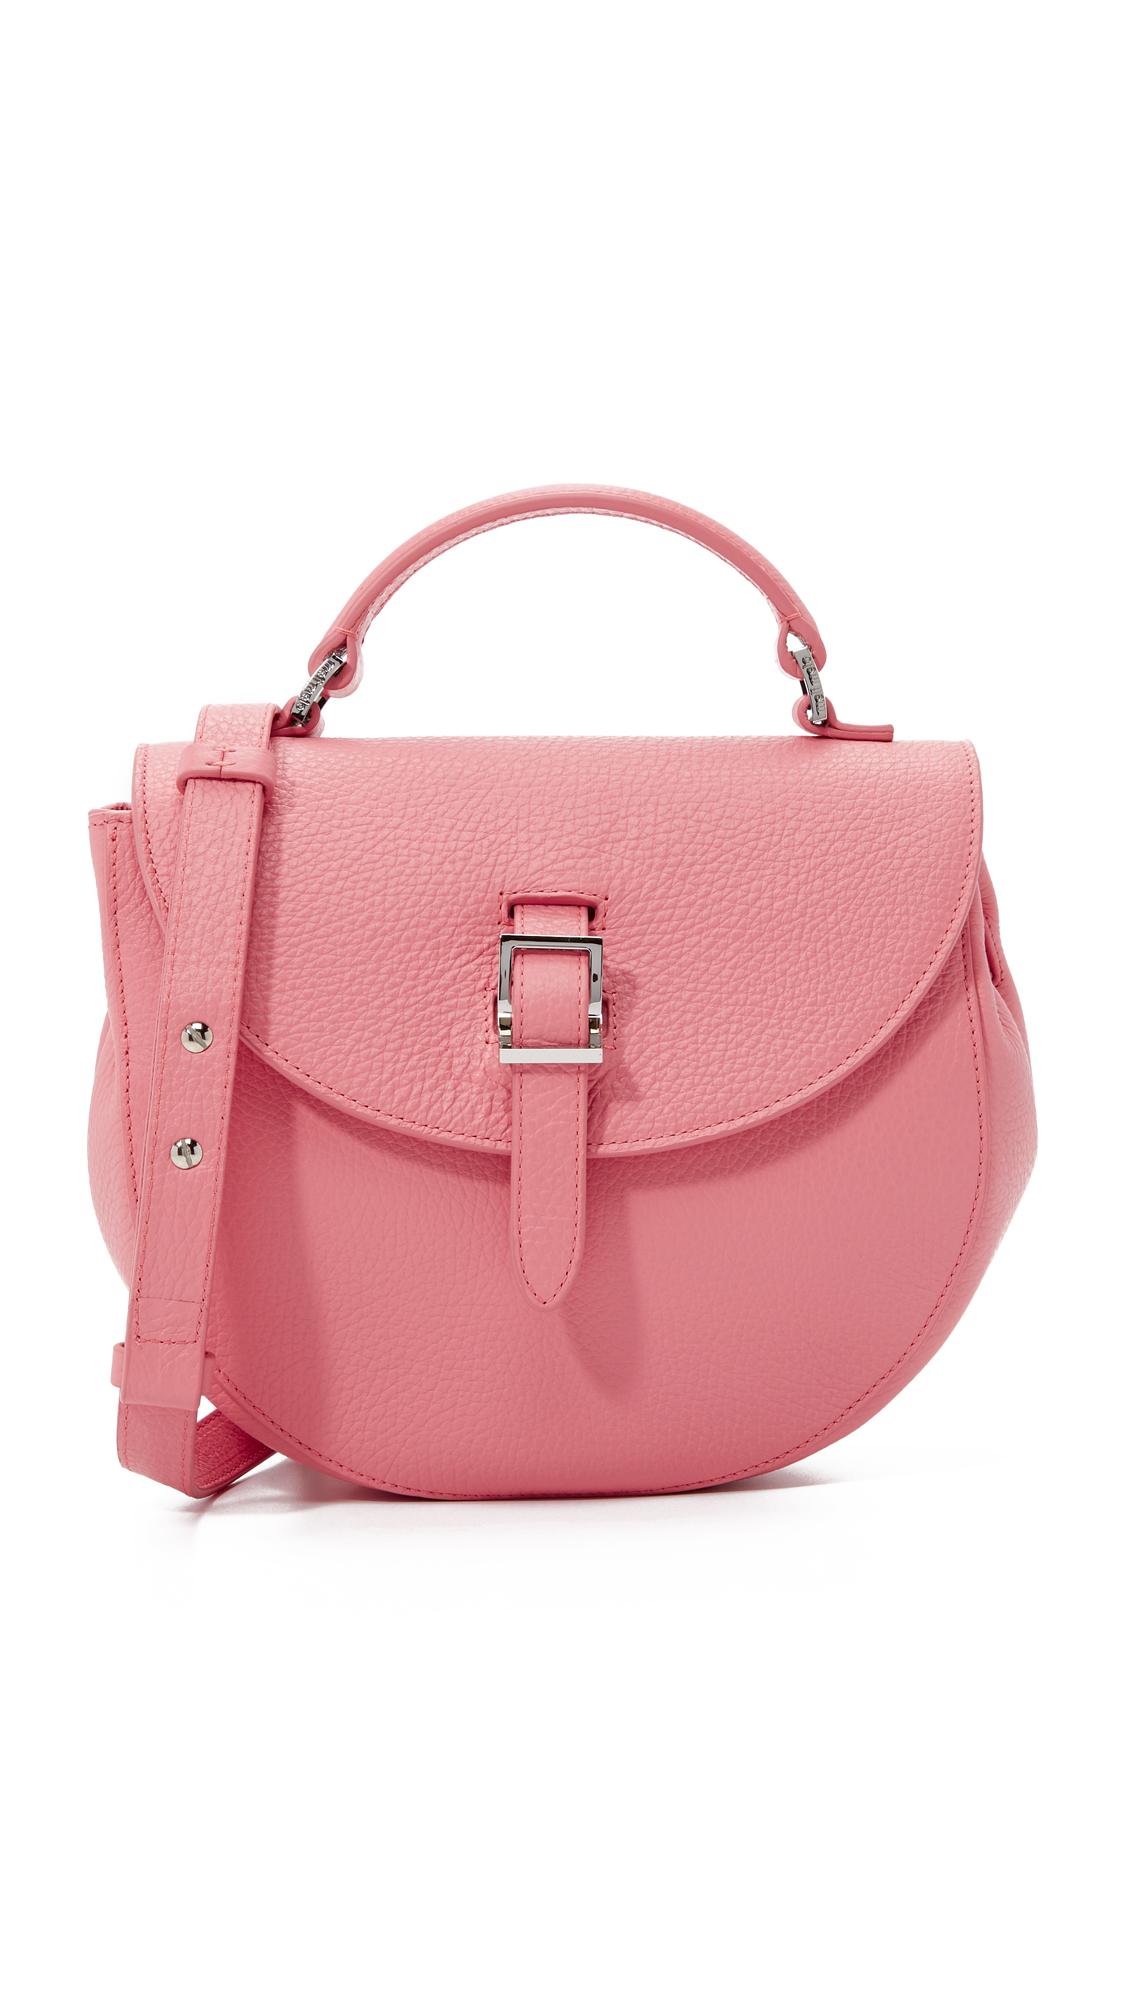 meli melo ortensia saddle bag in pink lyst. Black Bedroom Furniture Sets. Home Design Ideas